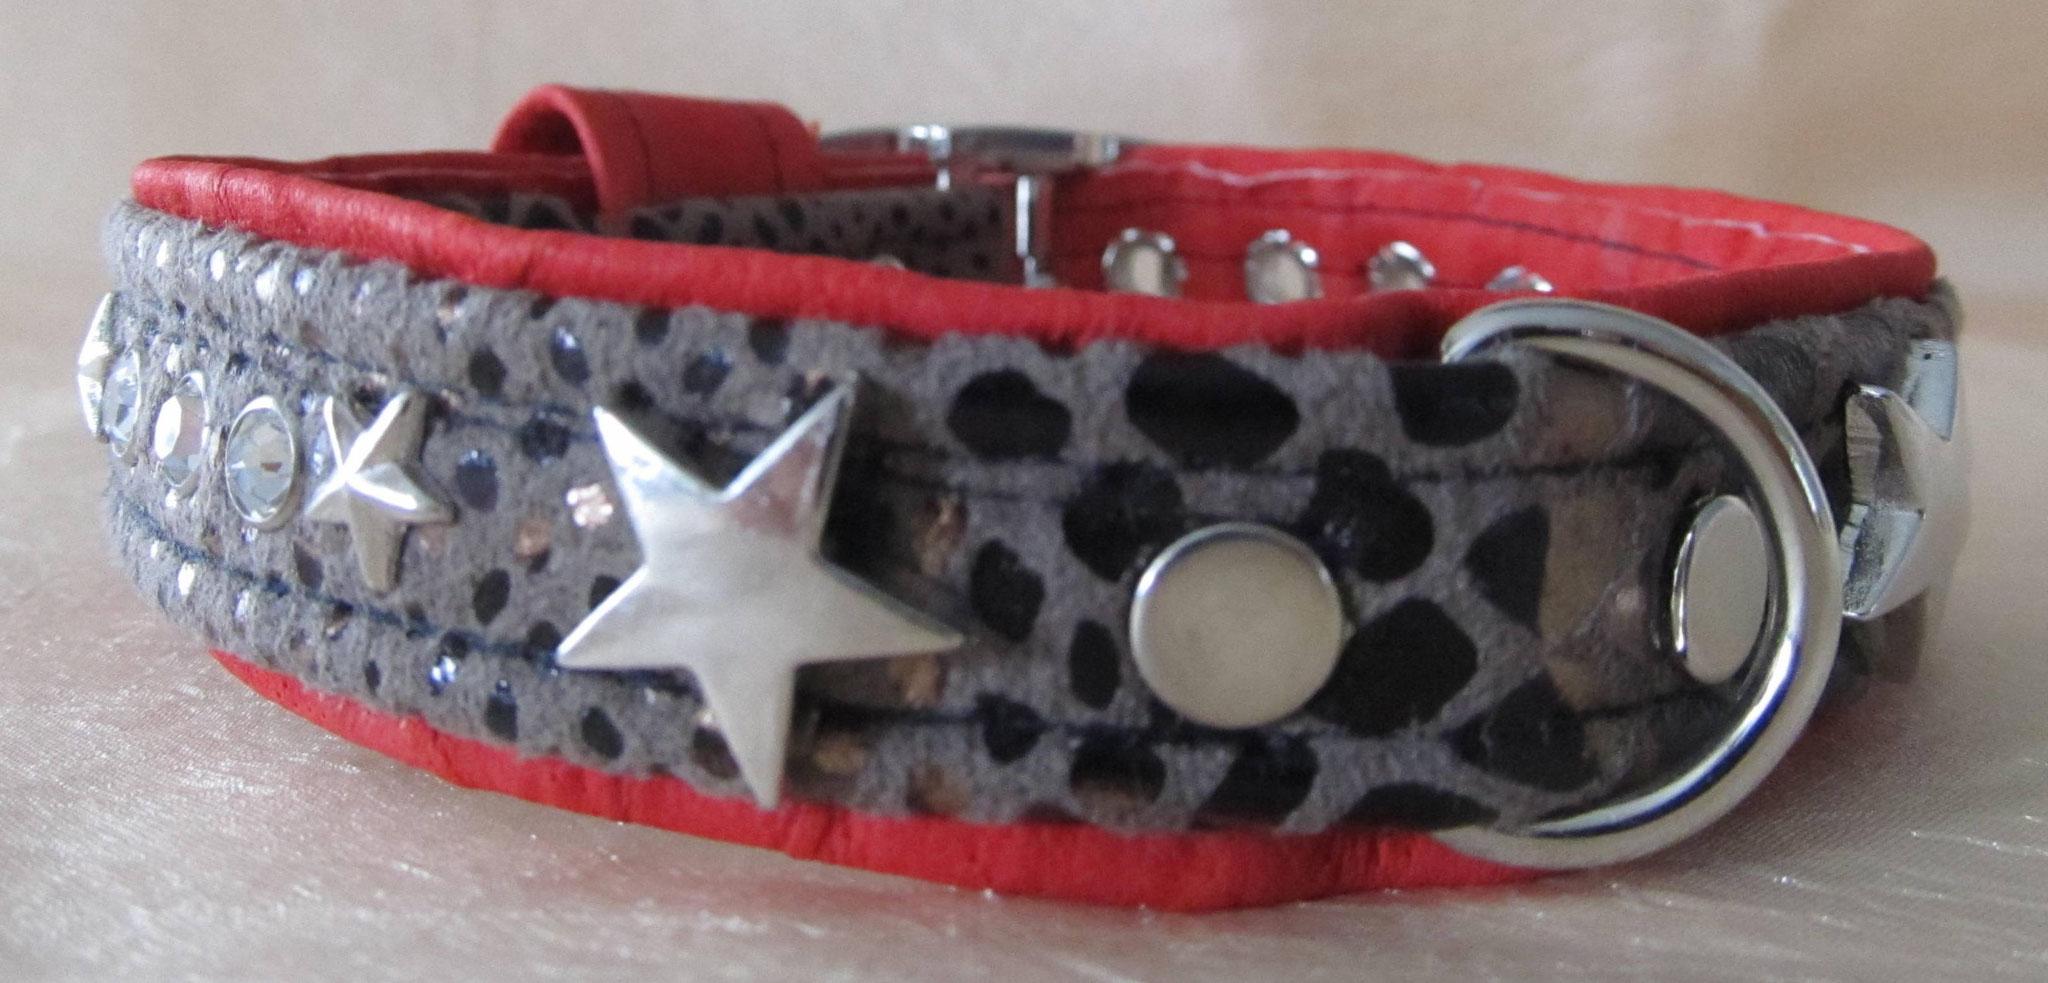 Exotisches Lederhalsband mit Stoffeinsatz und Ziernieten, Breite 2 cm, Halsumfang 23 cm, Preis 51,00 €